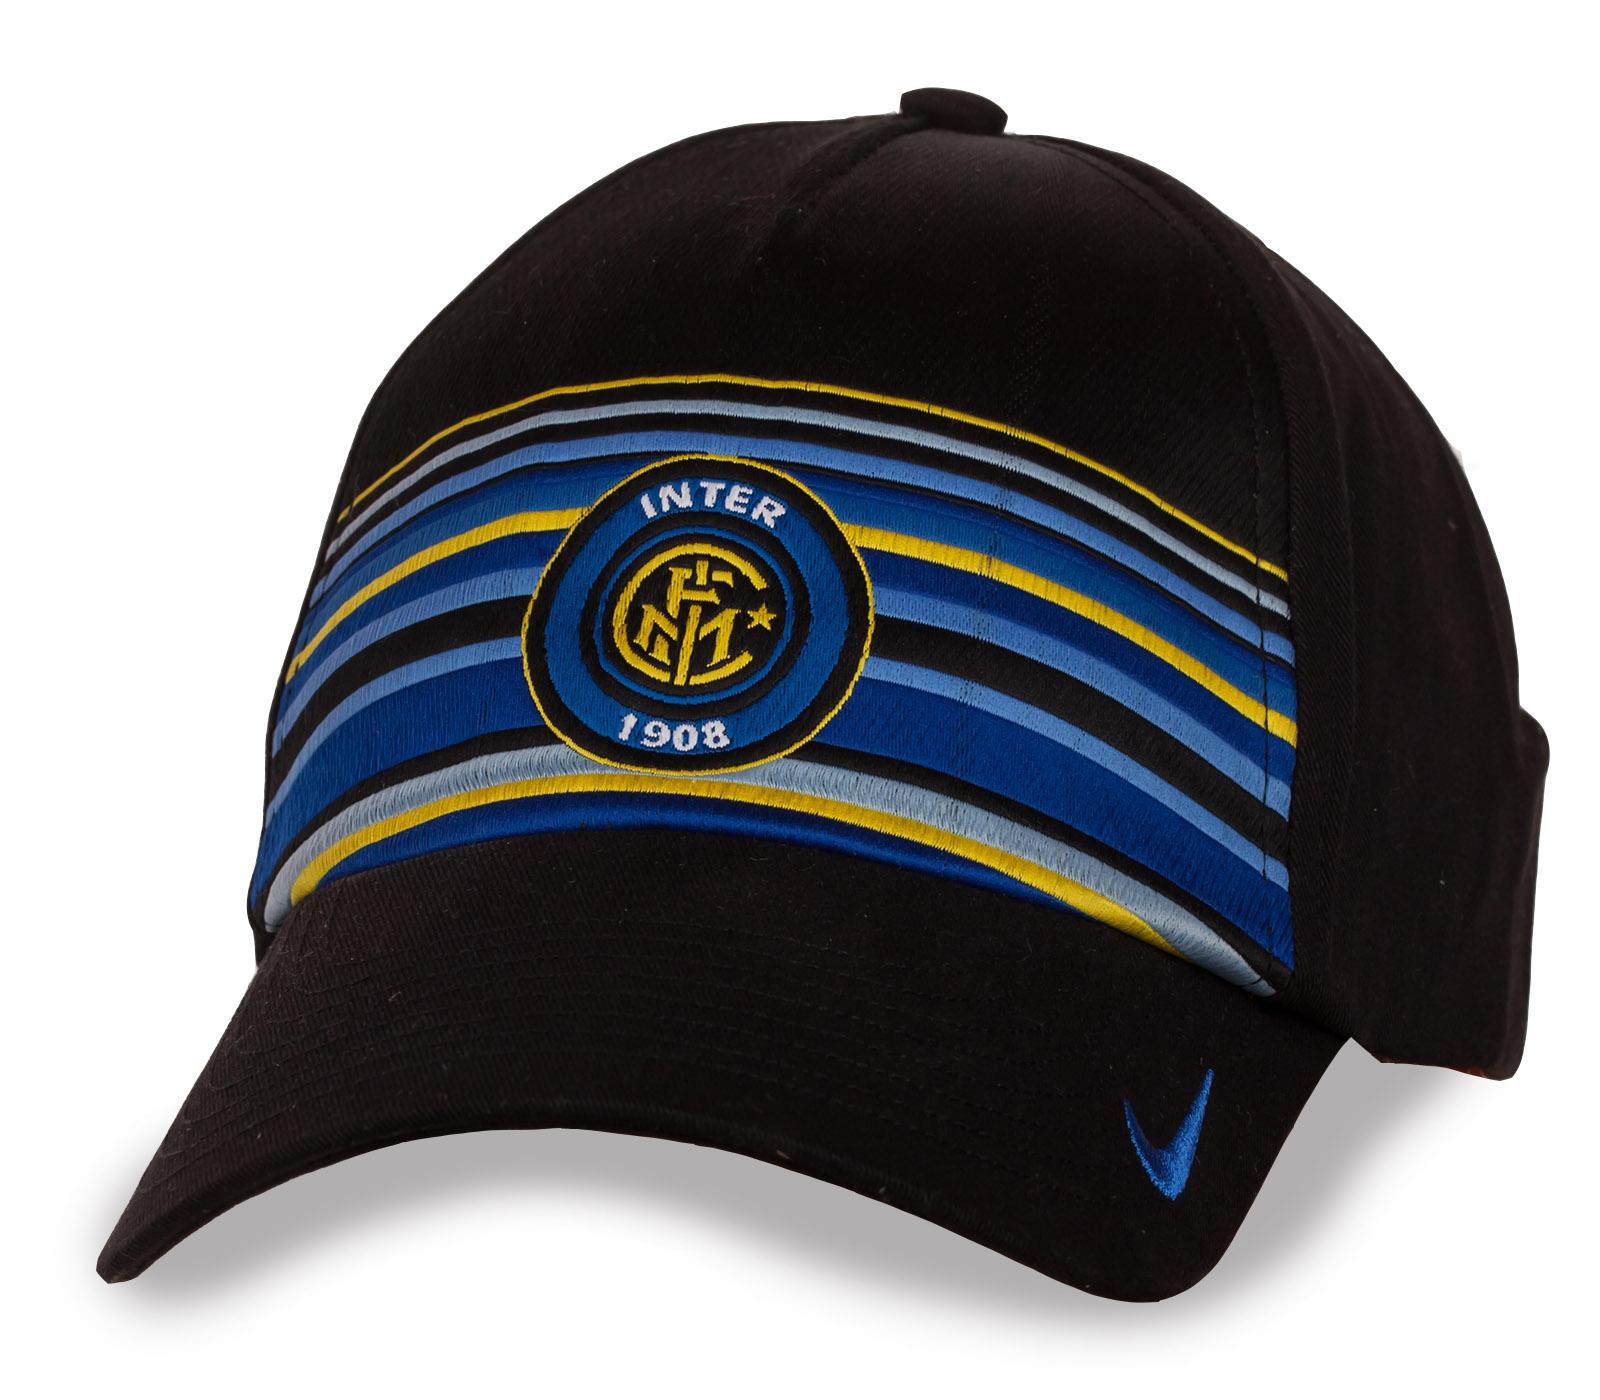 Оригинальная бейсболка Inter.